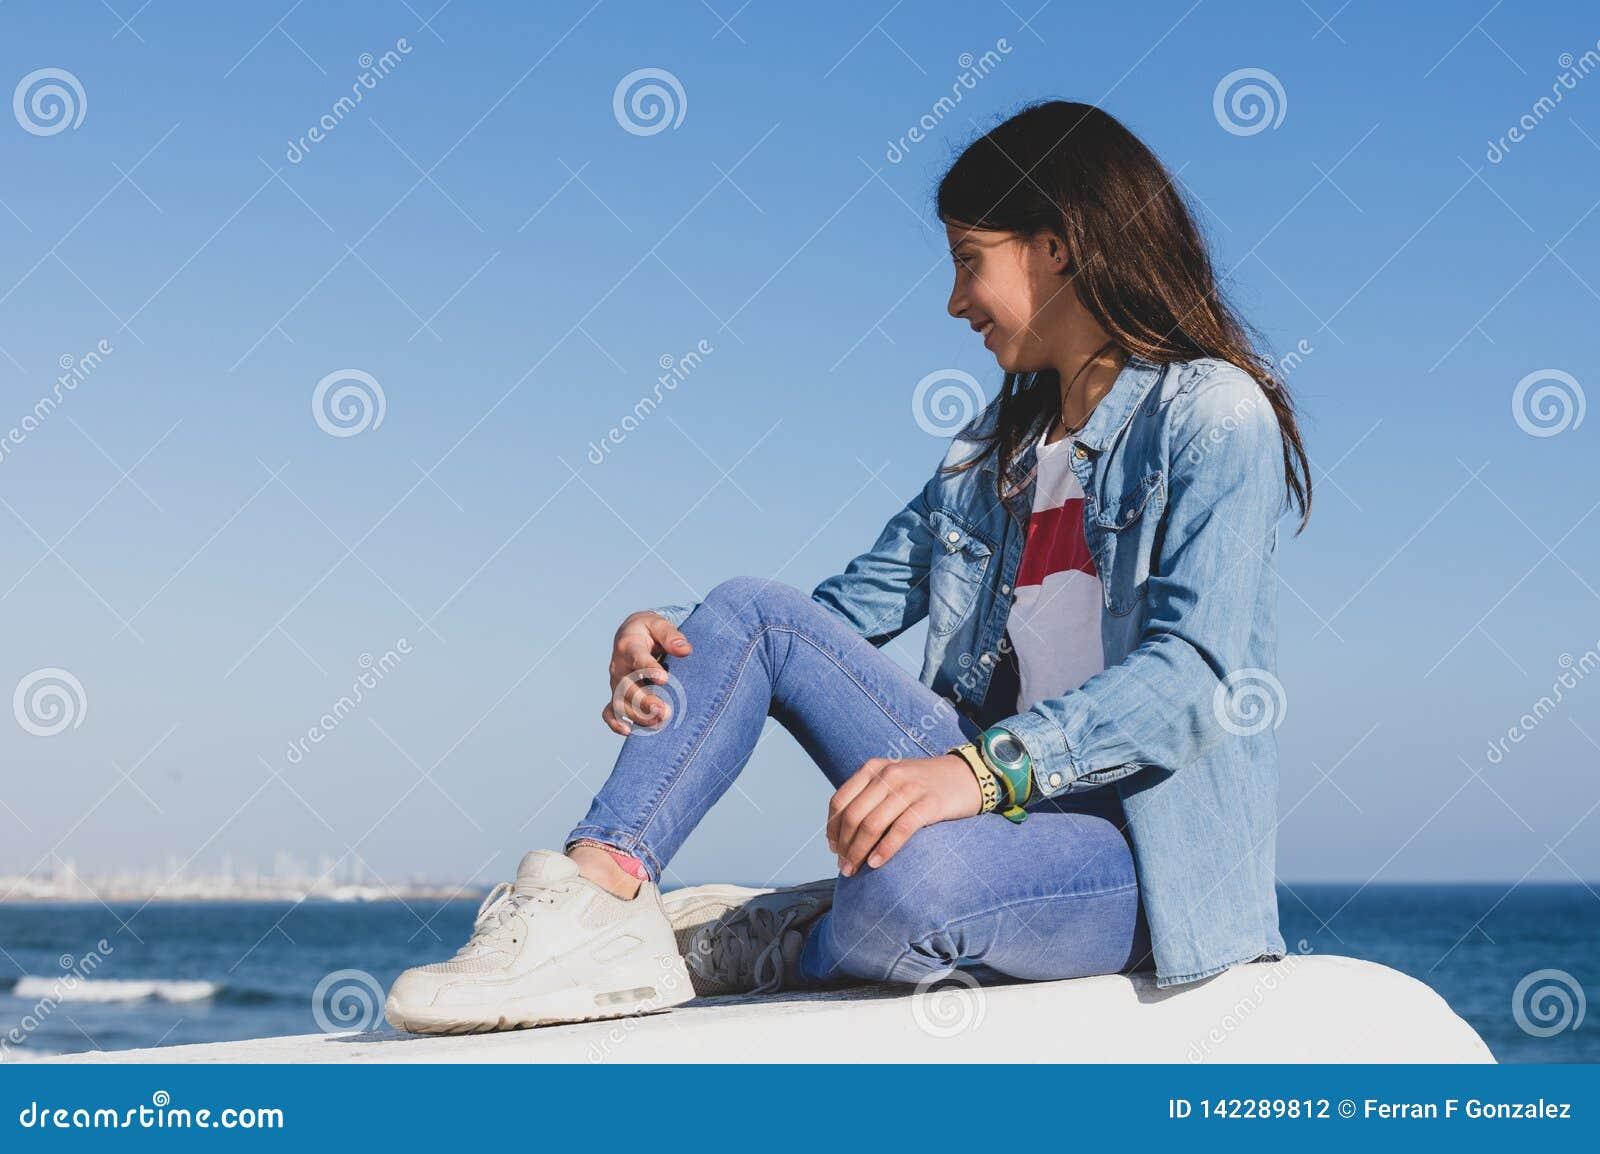 Nastoletnia dziewczyna z drelichu odzieżowym siedzącym obszyciem morze śródziemnomorskie w hiszpańskim miasteczku przybrzeżnym